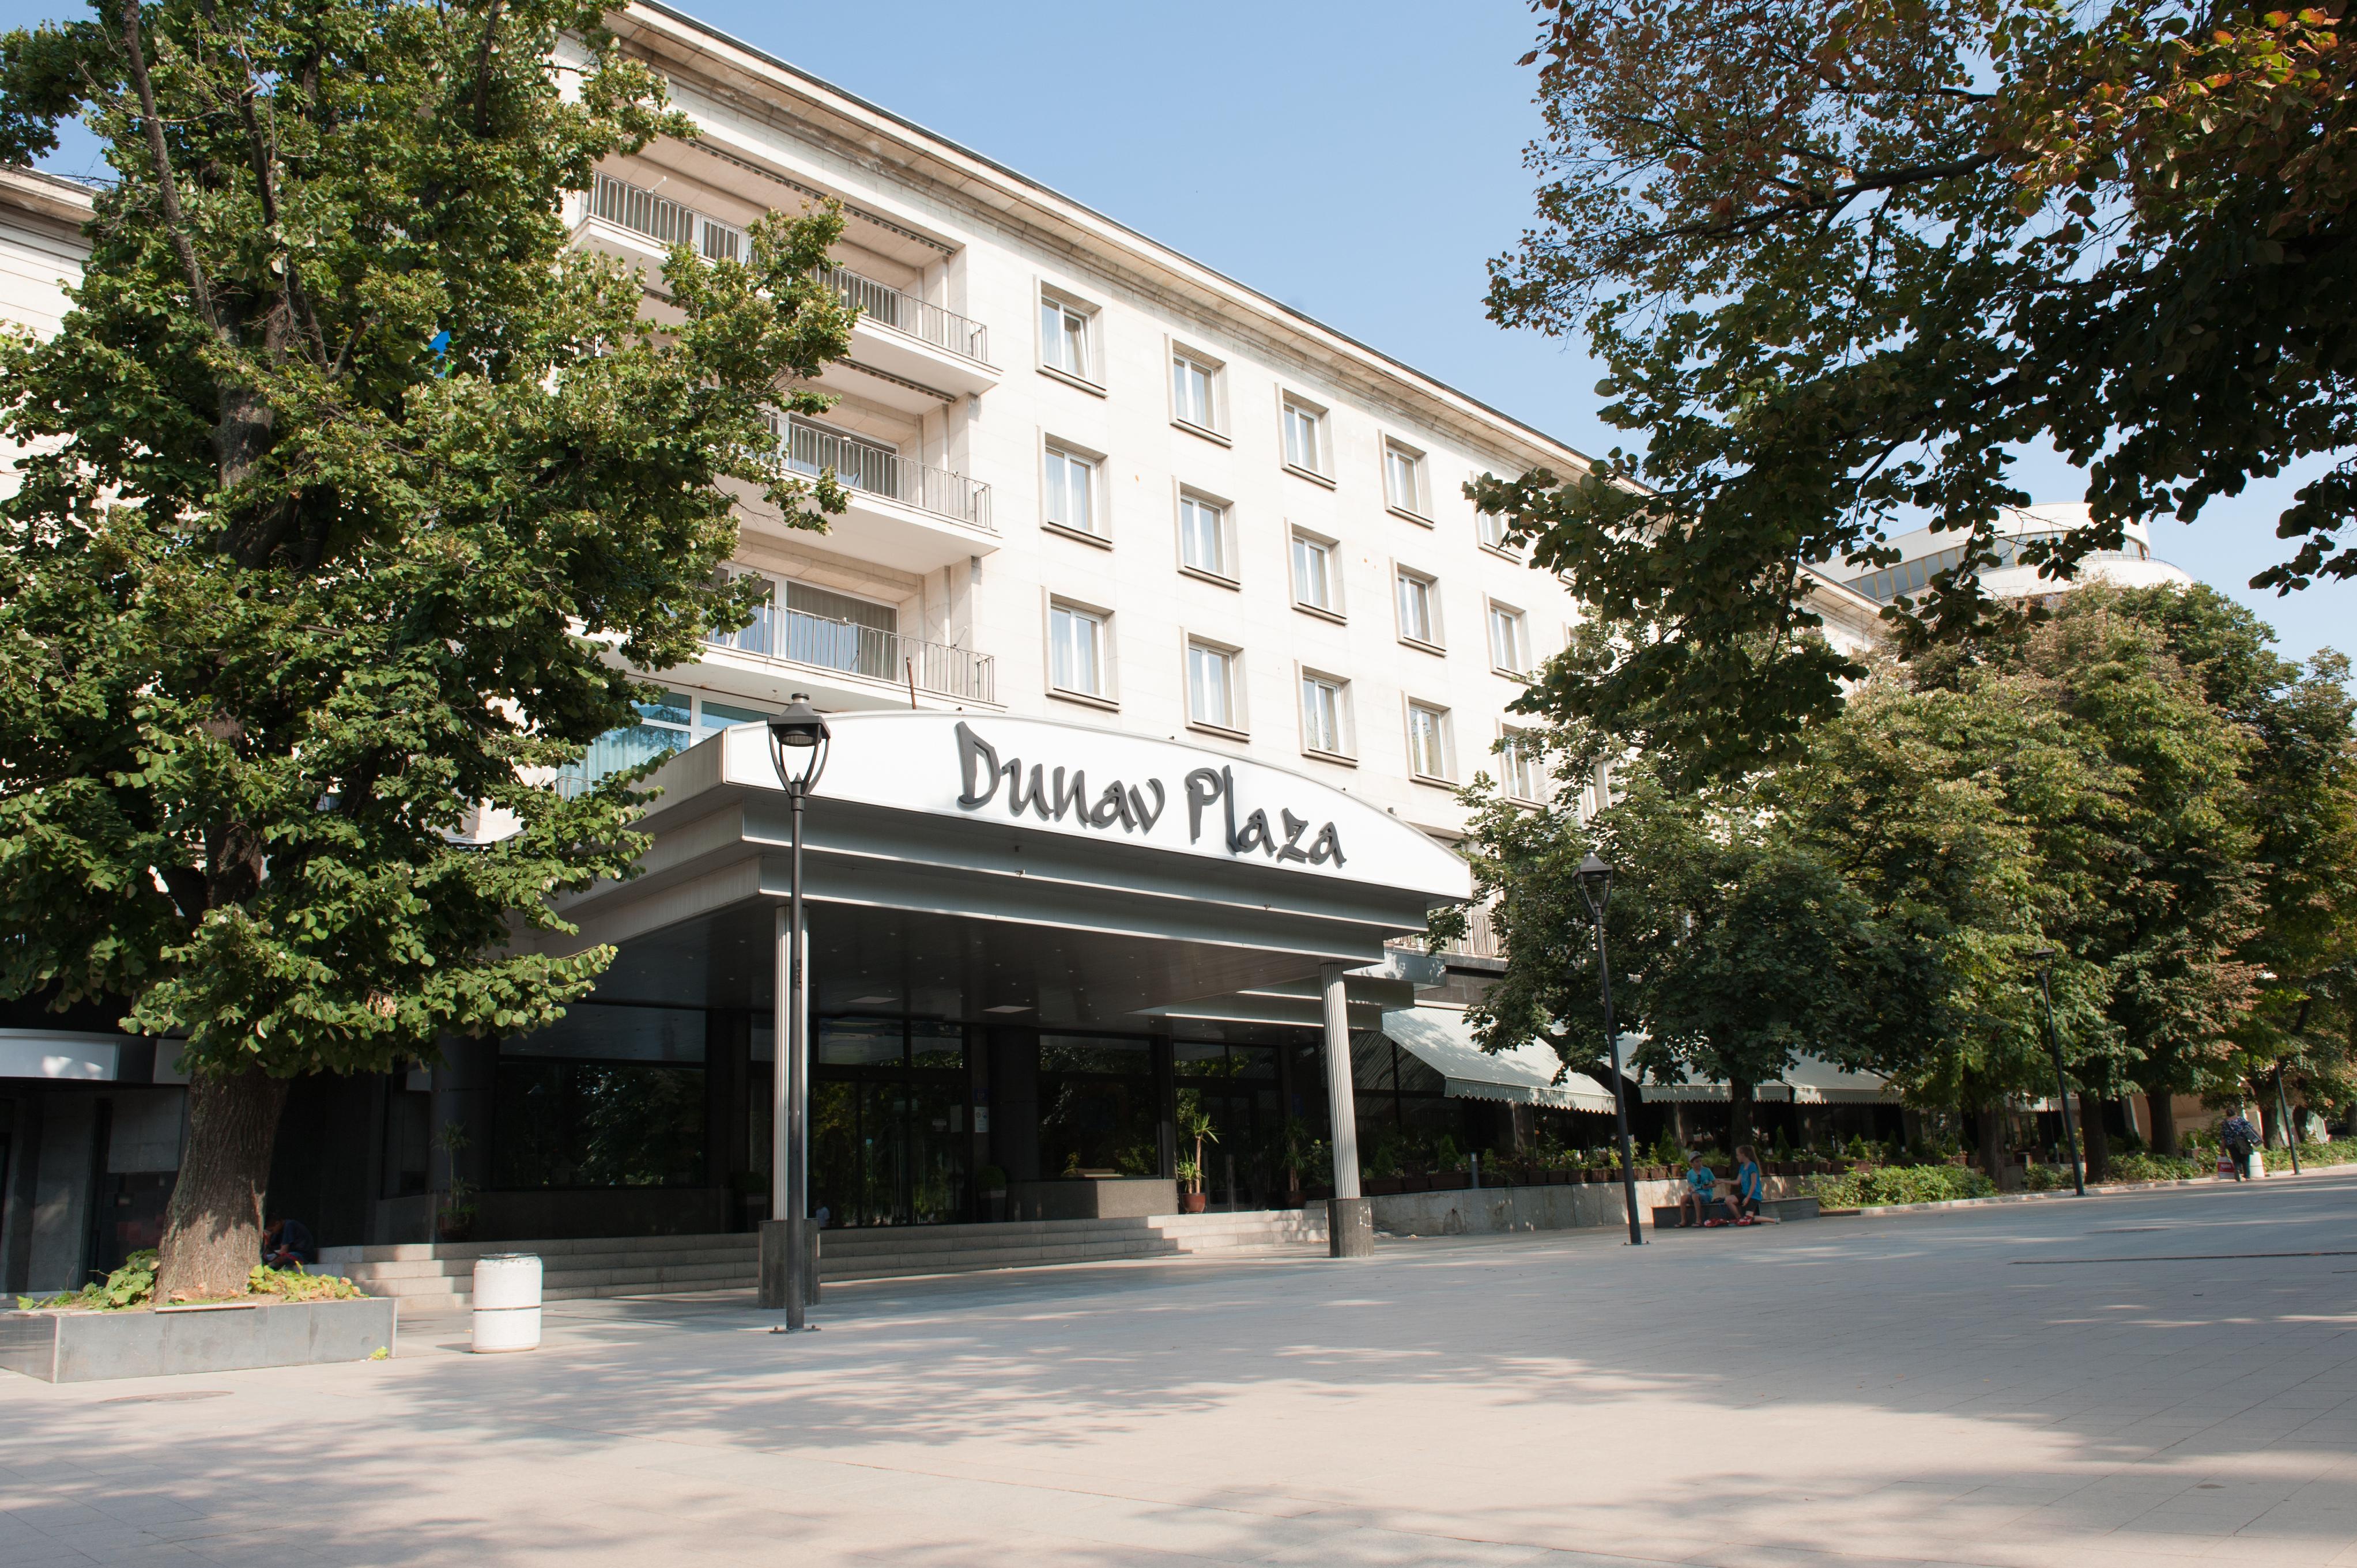 Dunav Plaza, Rousse